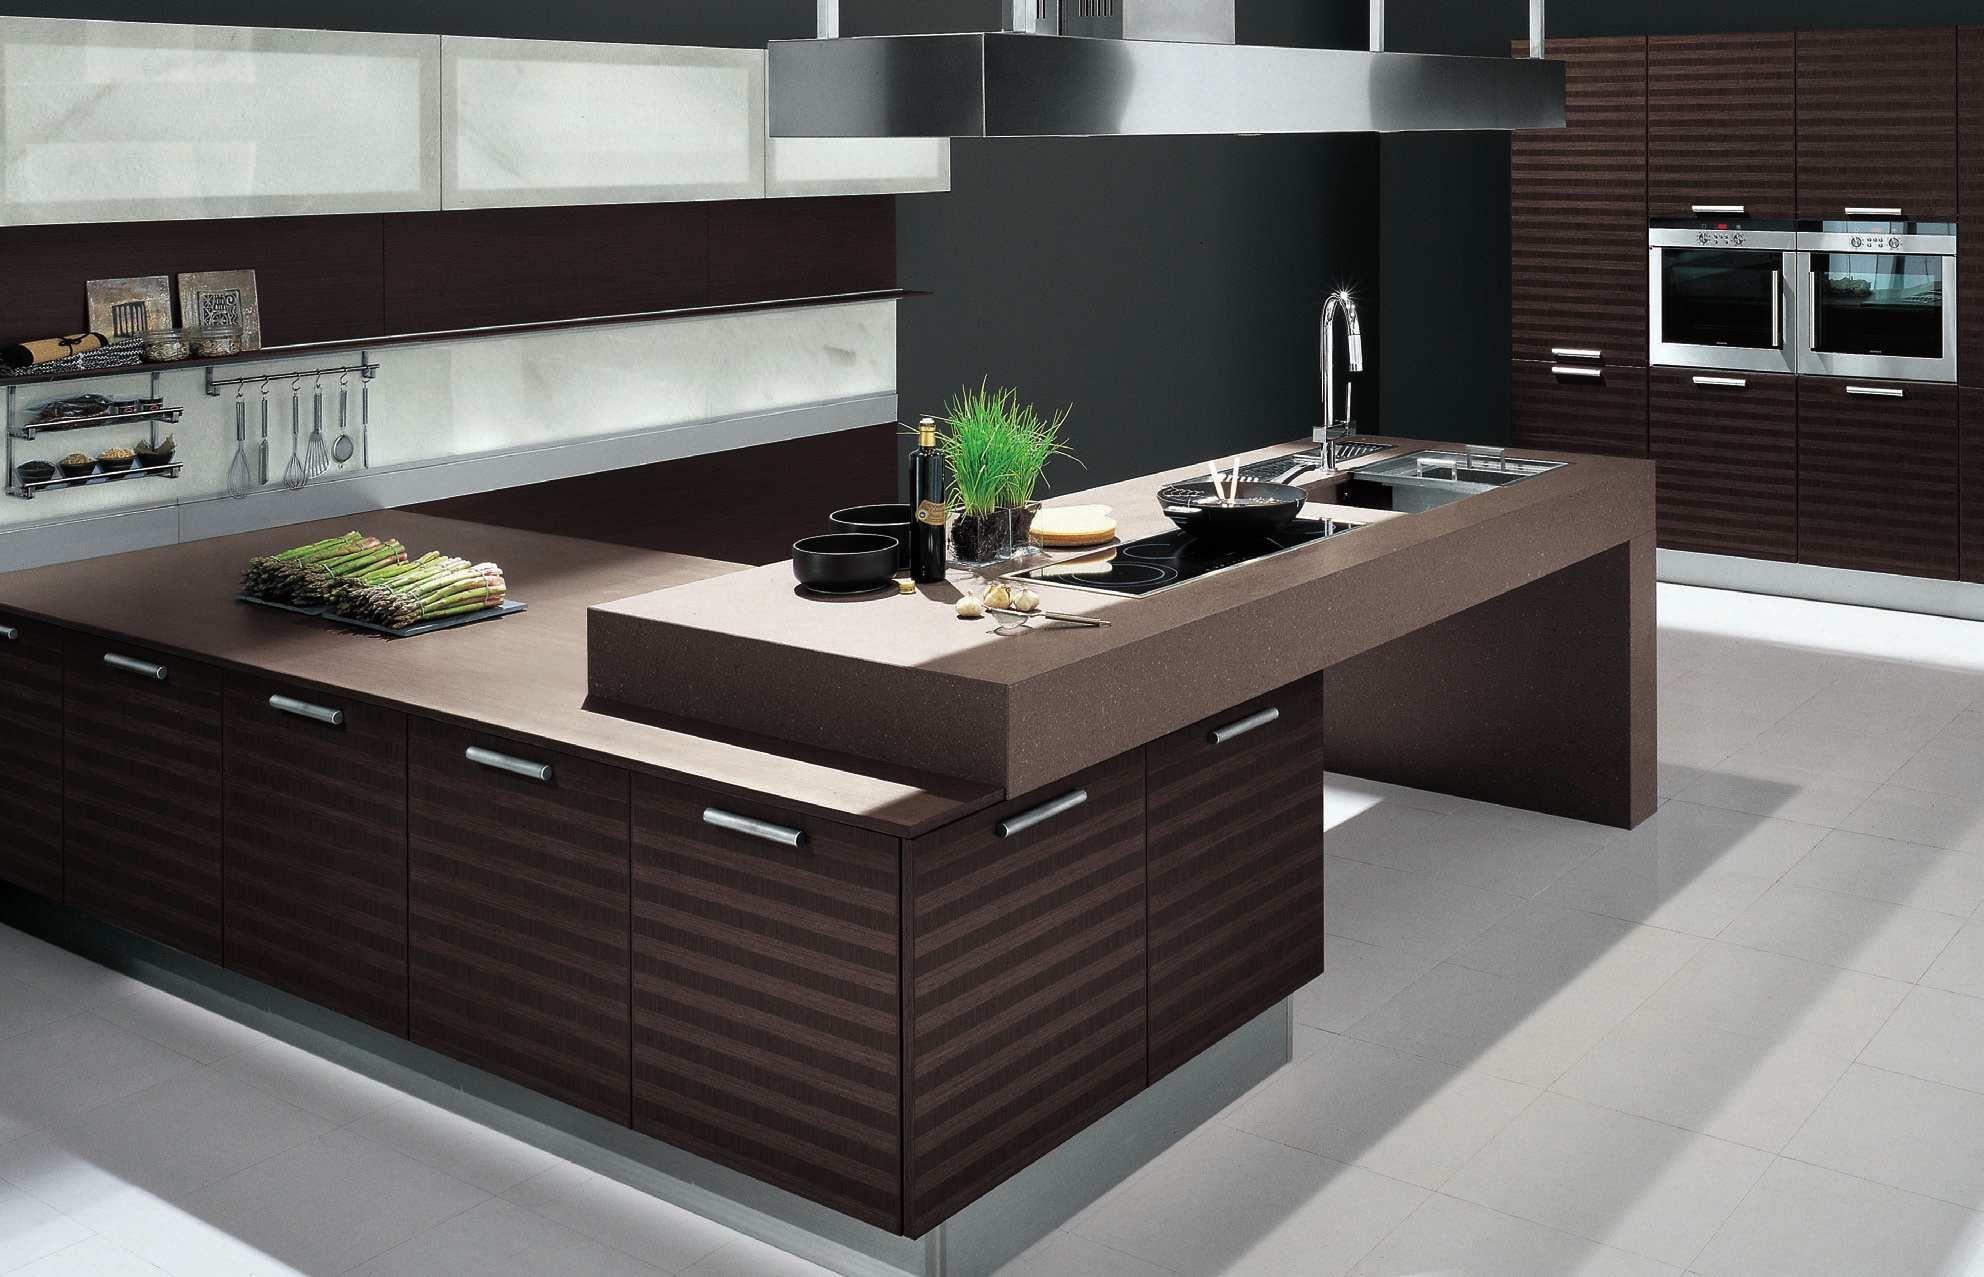 Why Dark Kitchen Designs Are So Popular Kitchen Interior Design Modern Modern Kitchen Interiors Modern Kitchen Design